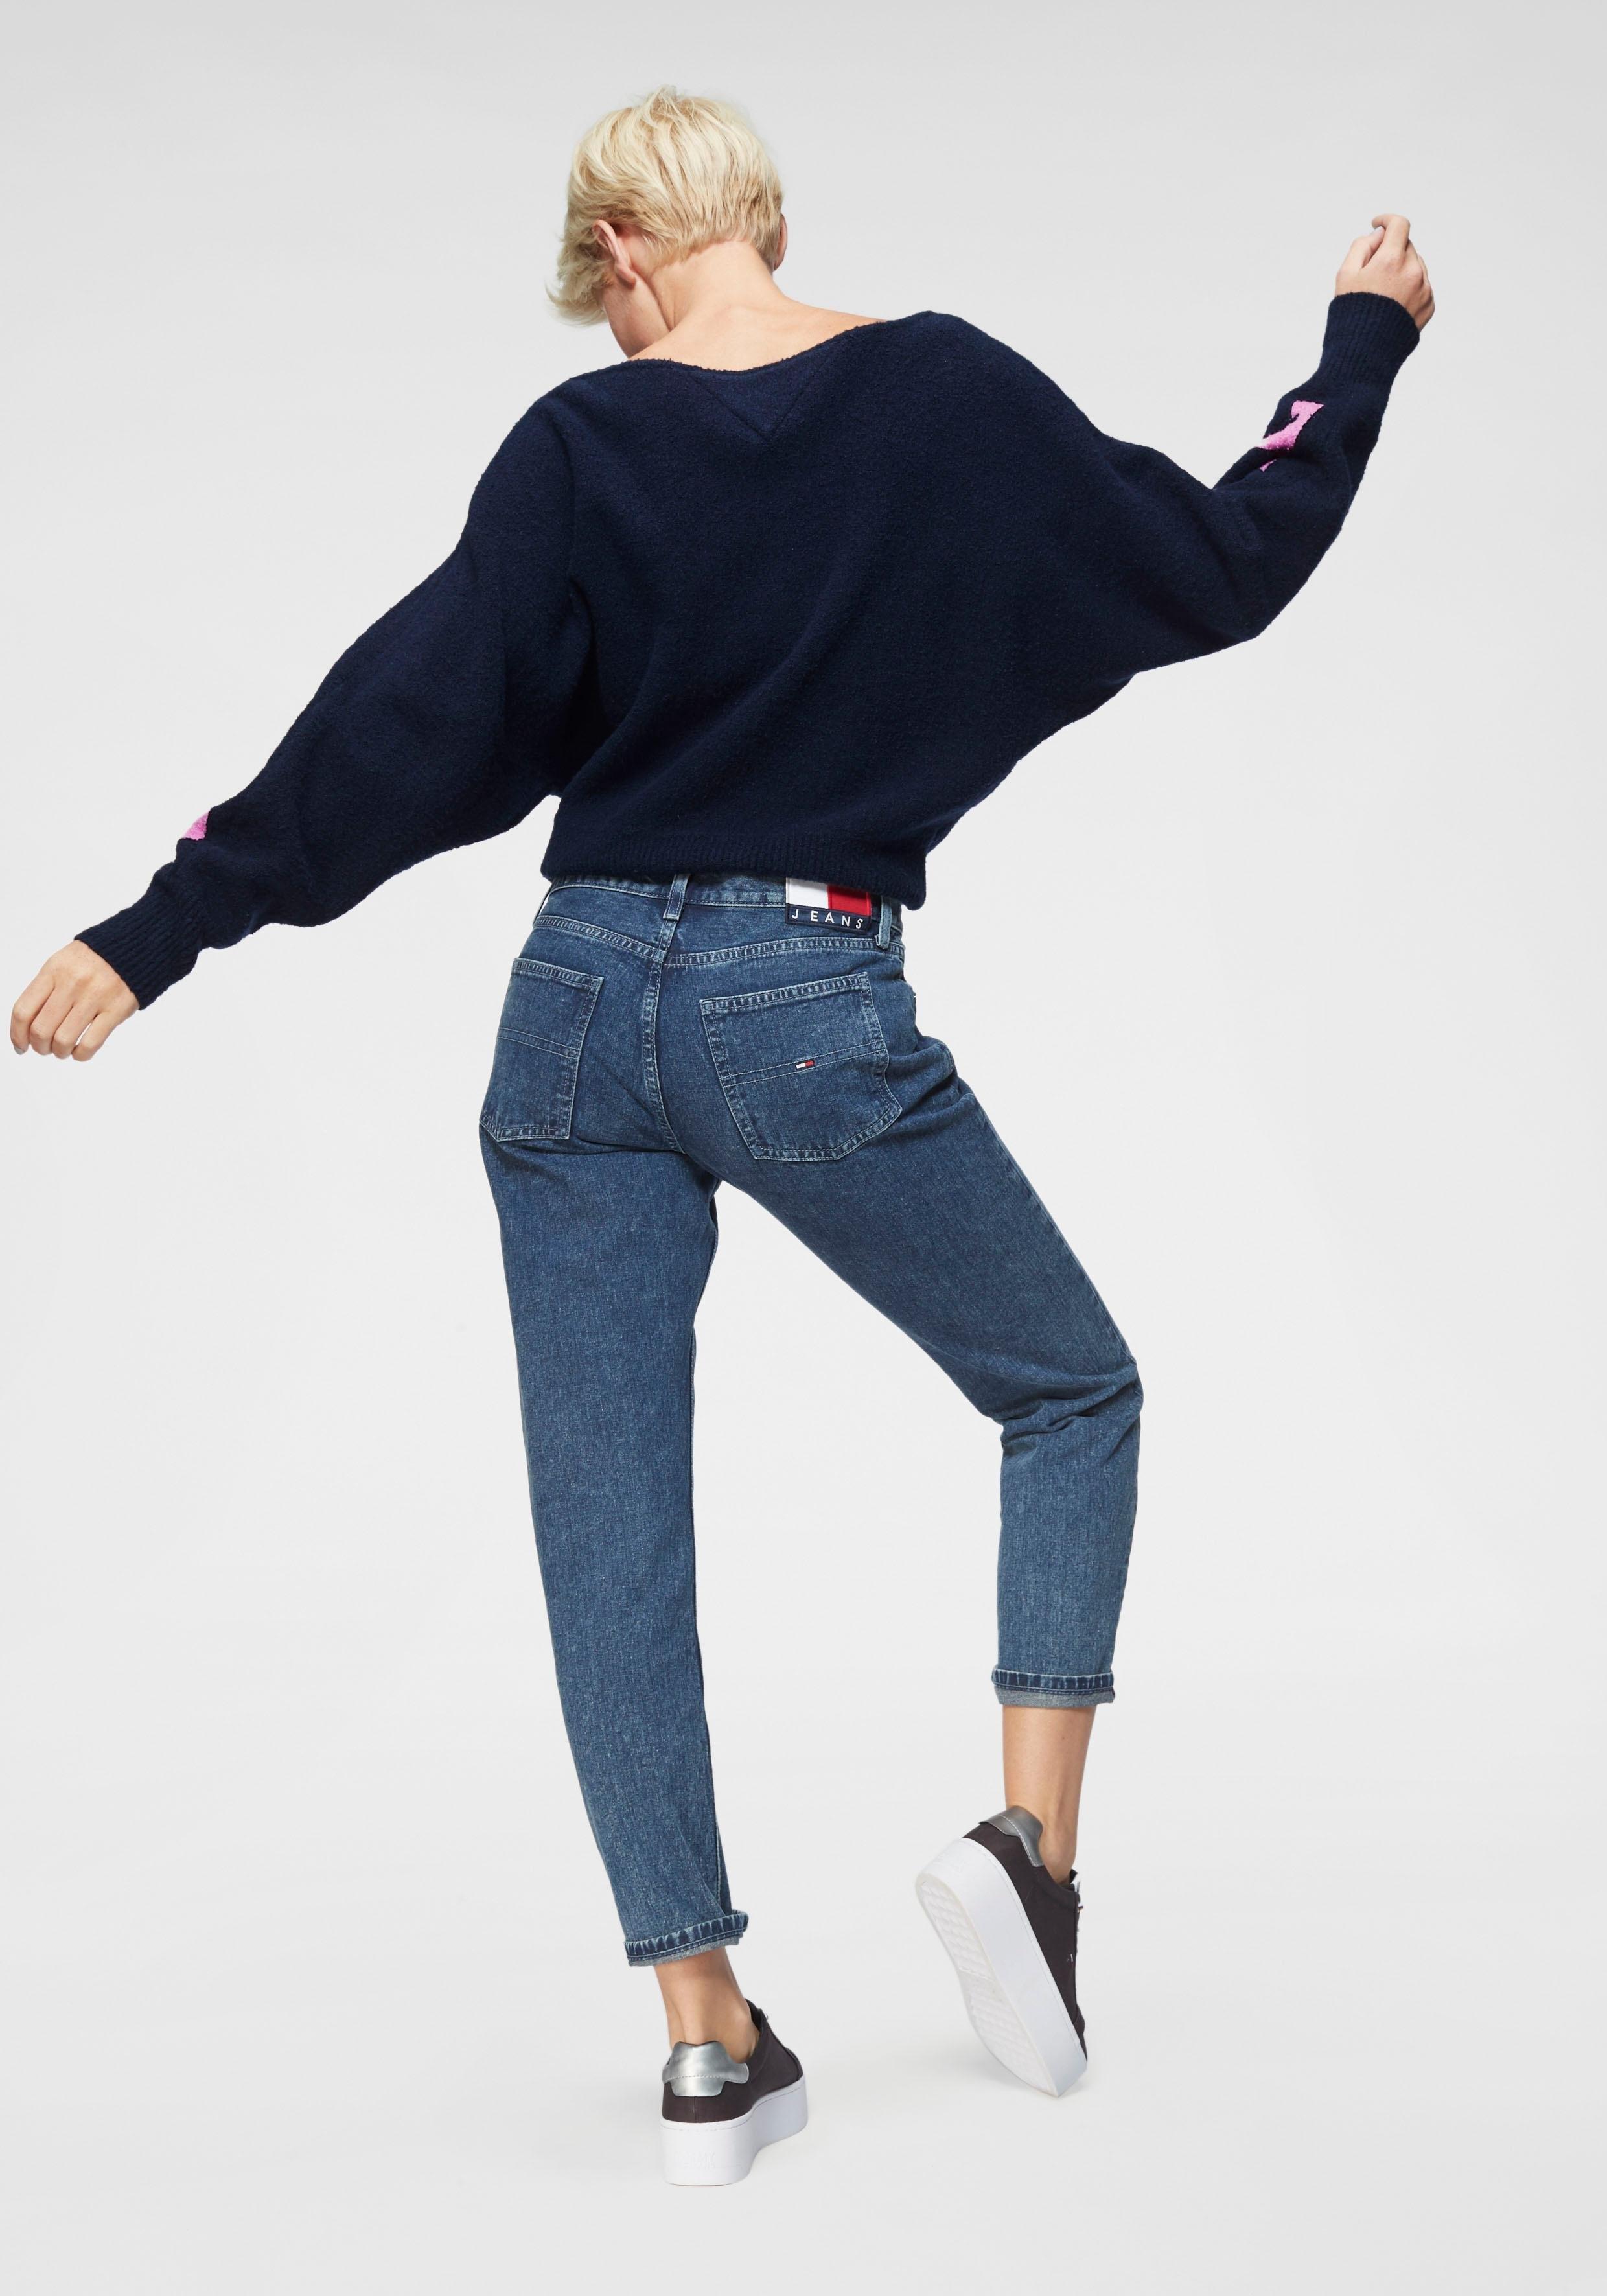 Kopen Ronde Hals Nu Online Jeans Trui Tommy Met N80PkwnOX